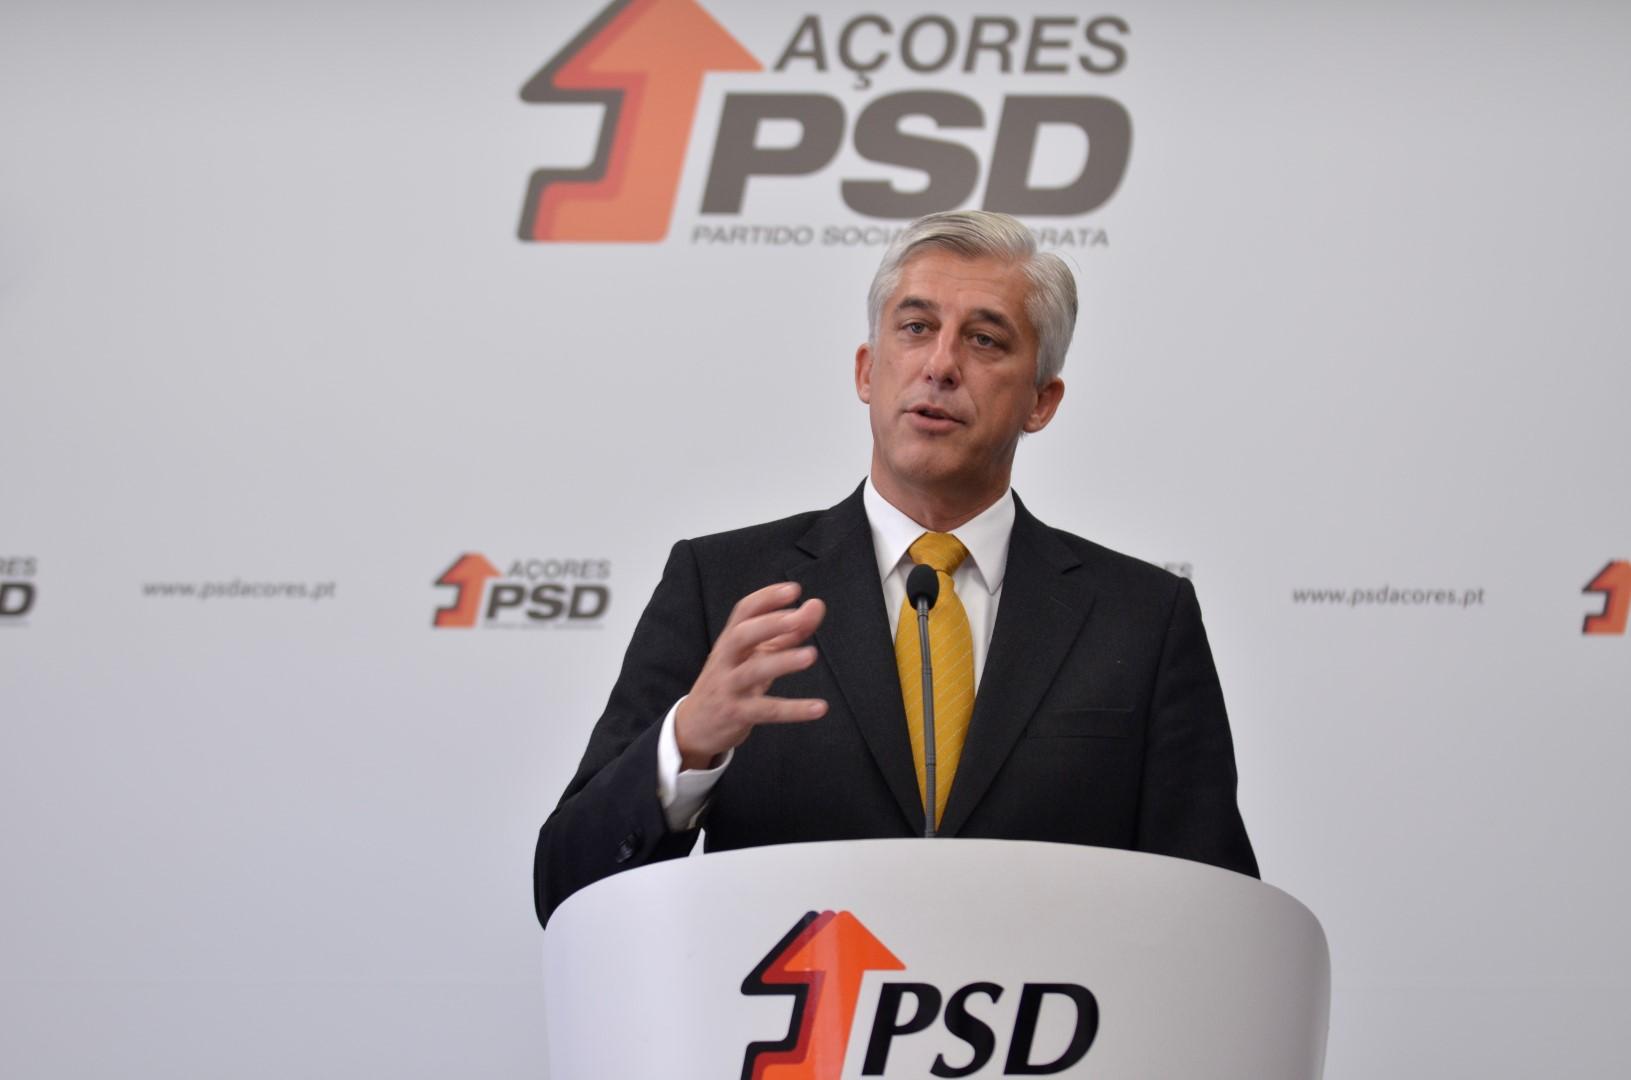 """PSD/Açores quer acabar com """"modelo de gestão socialista que está a destruir a SATA"""""""